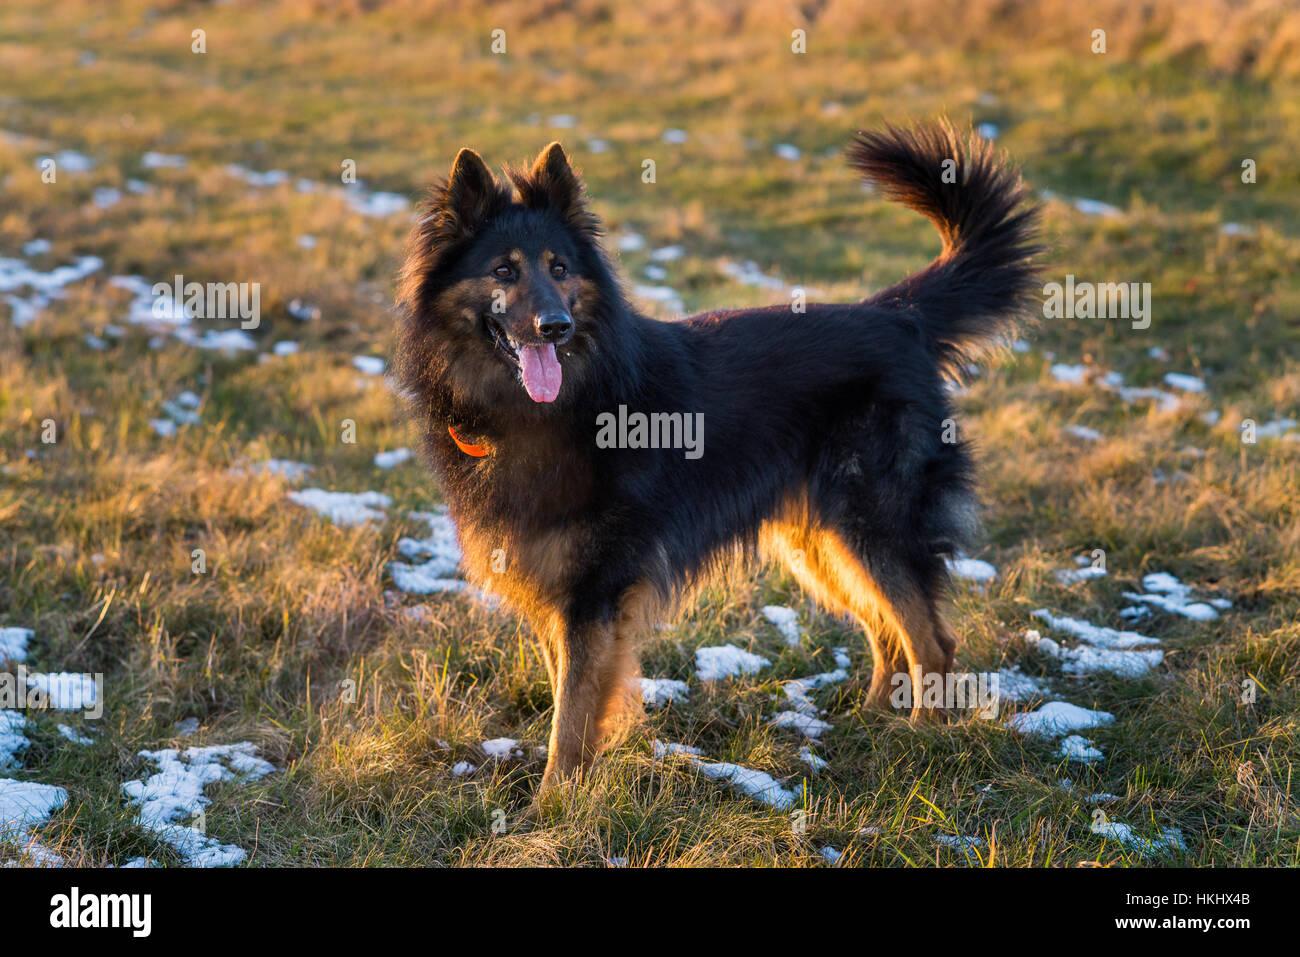 Chodsky pes Stock Photo: 132544731 - Alamy